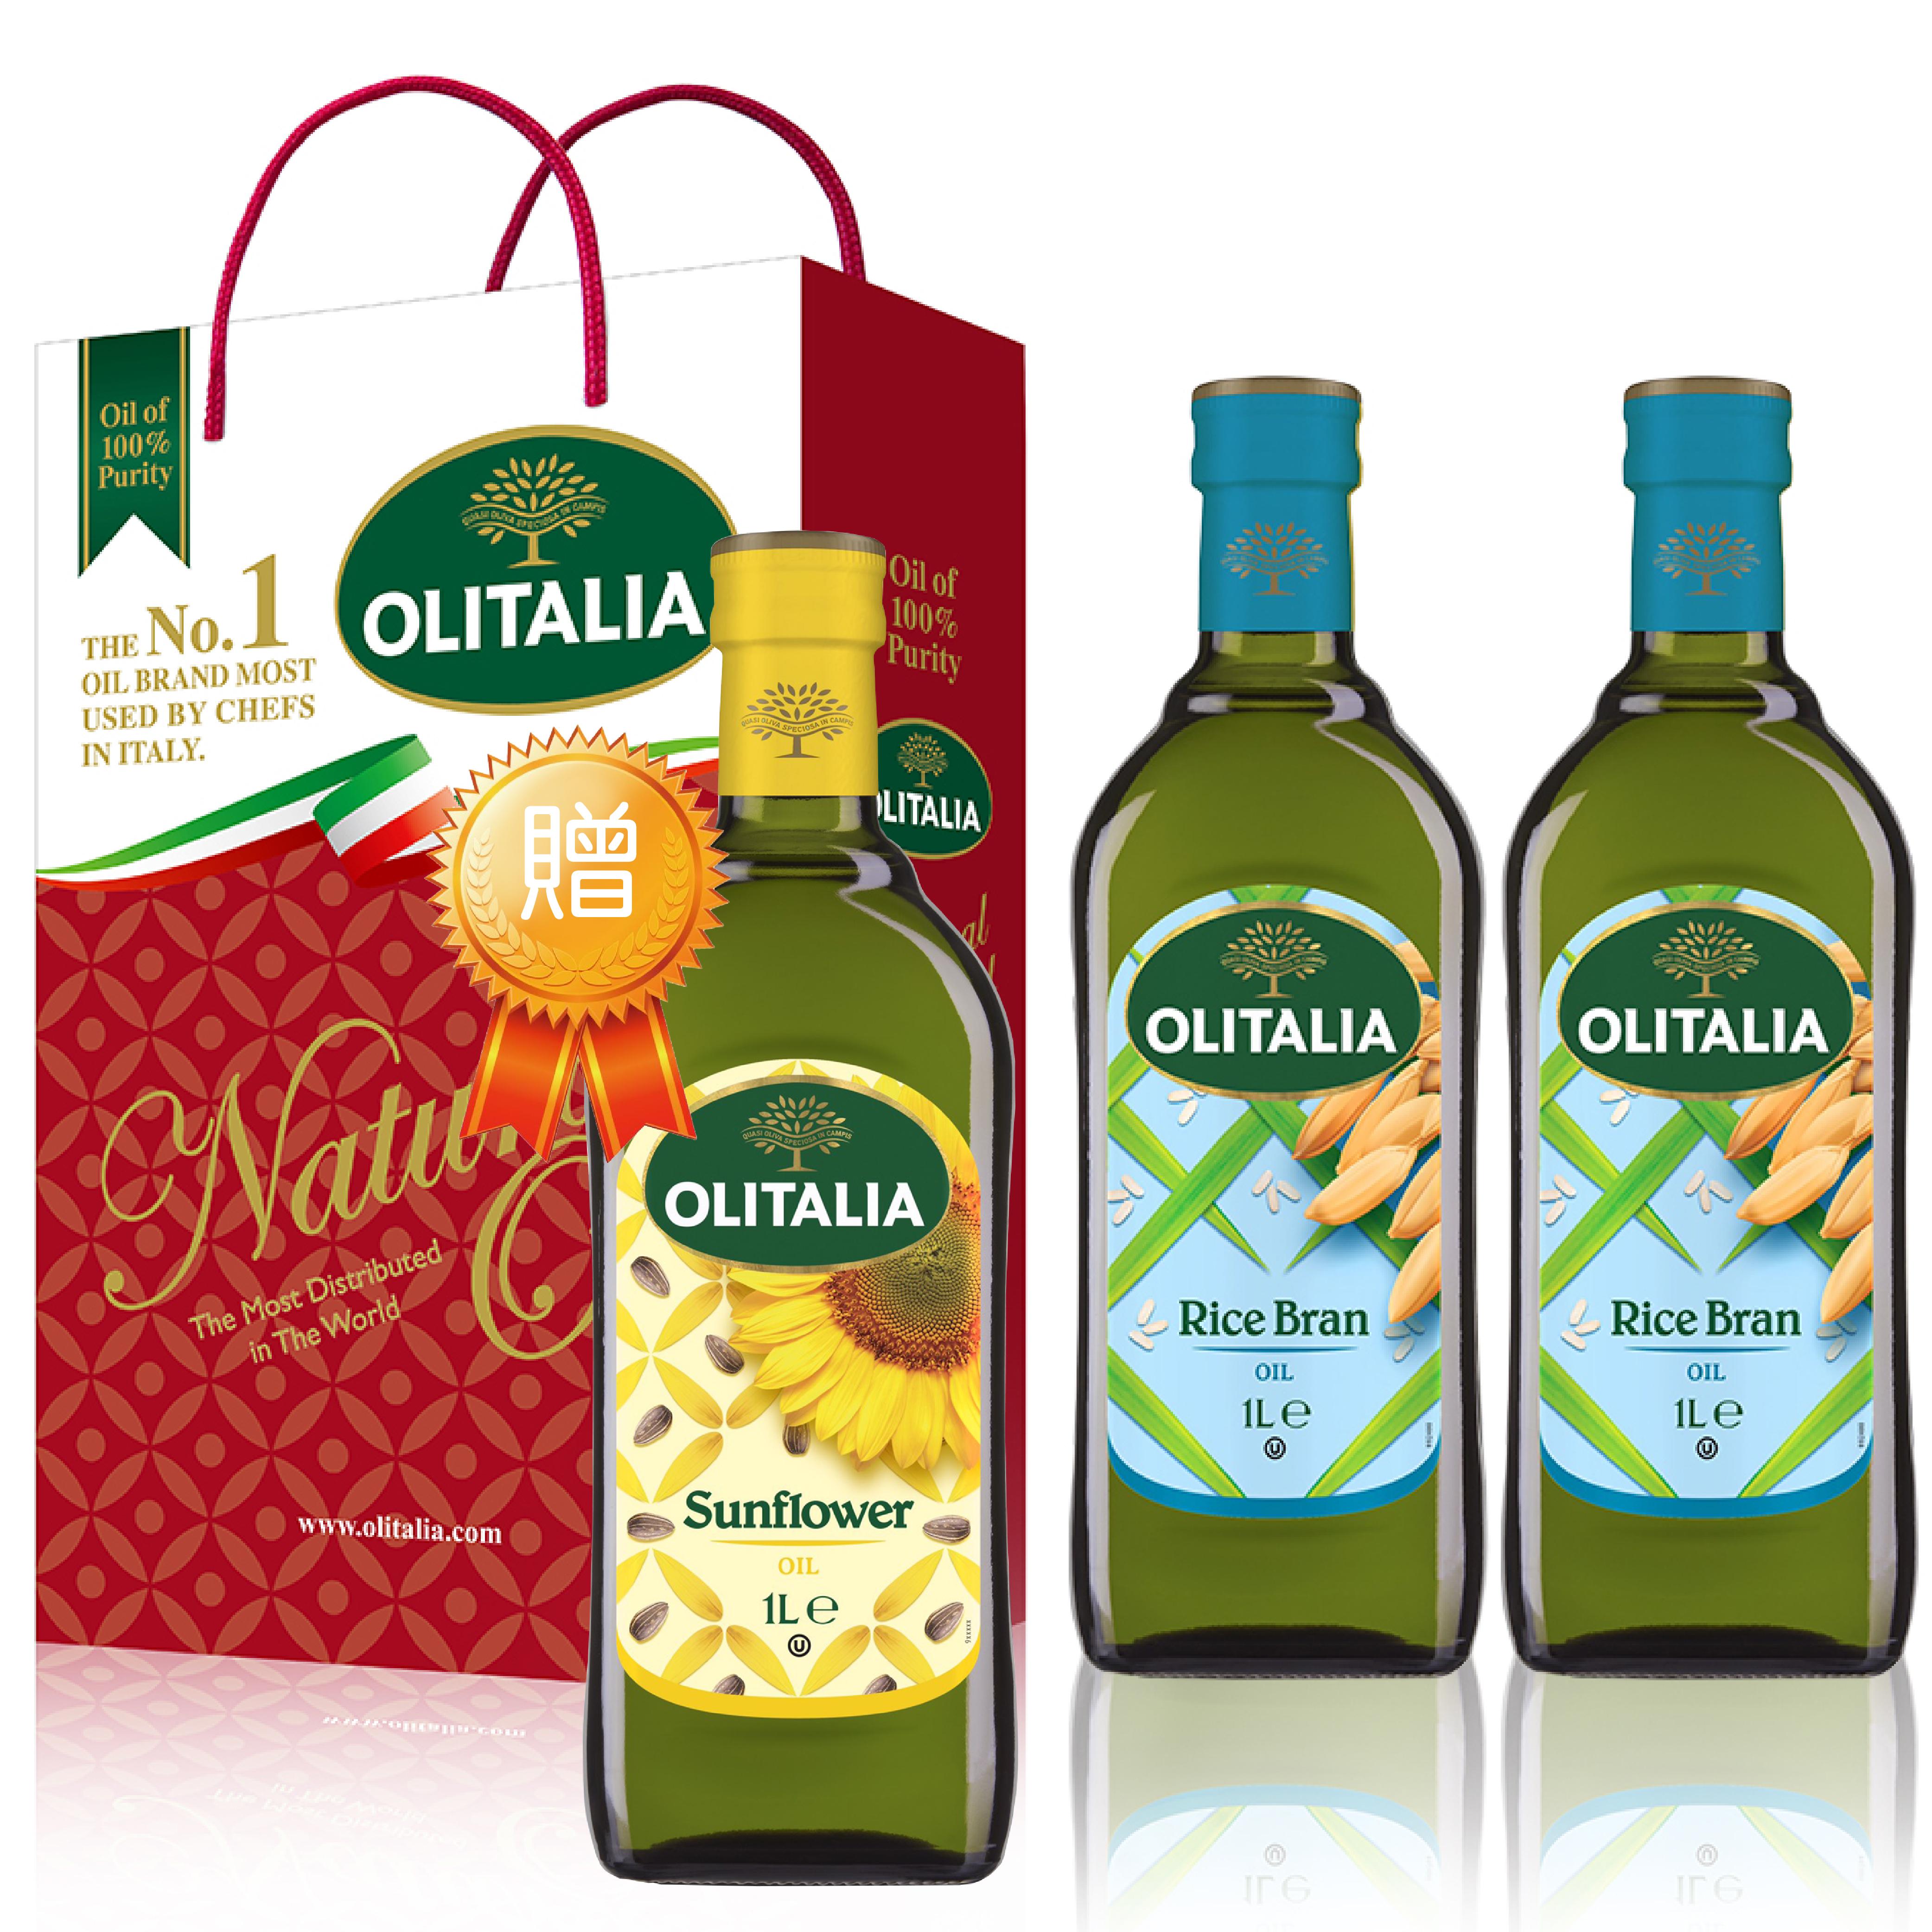 義大利玄米油禮盒1組贈葵花油1000mlx1瓶